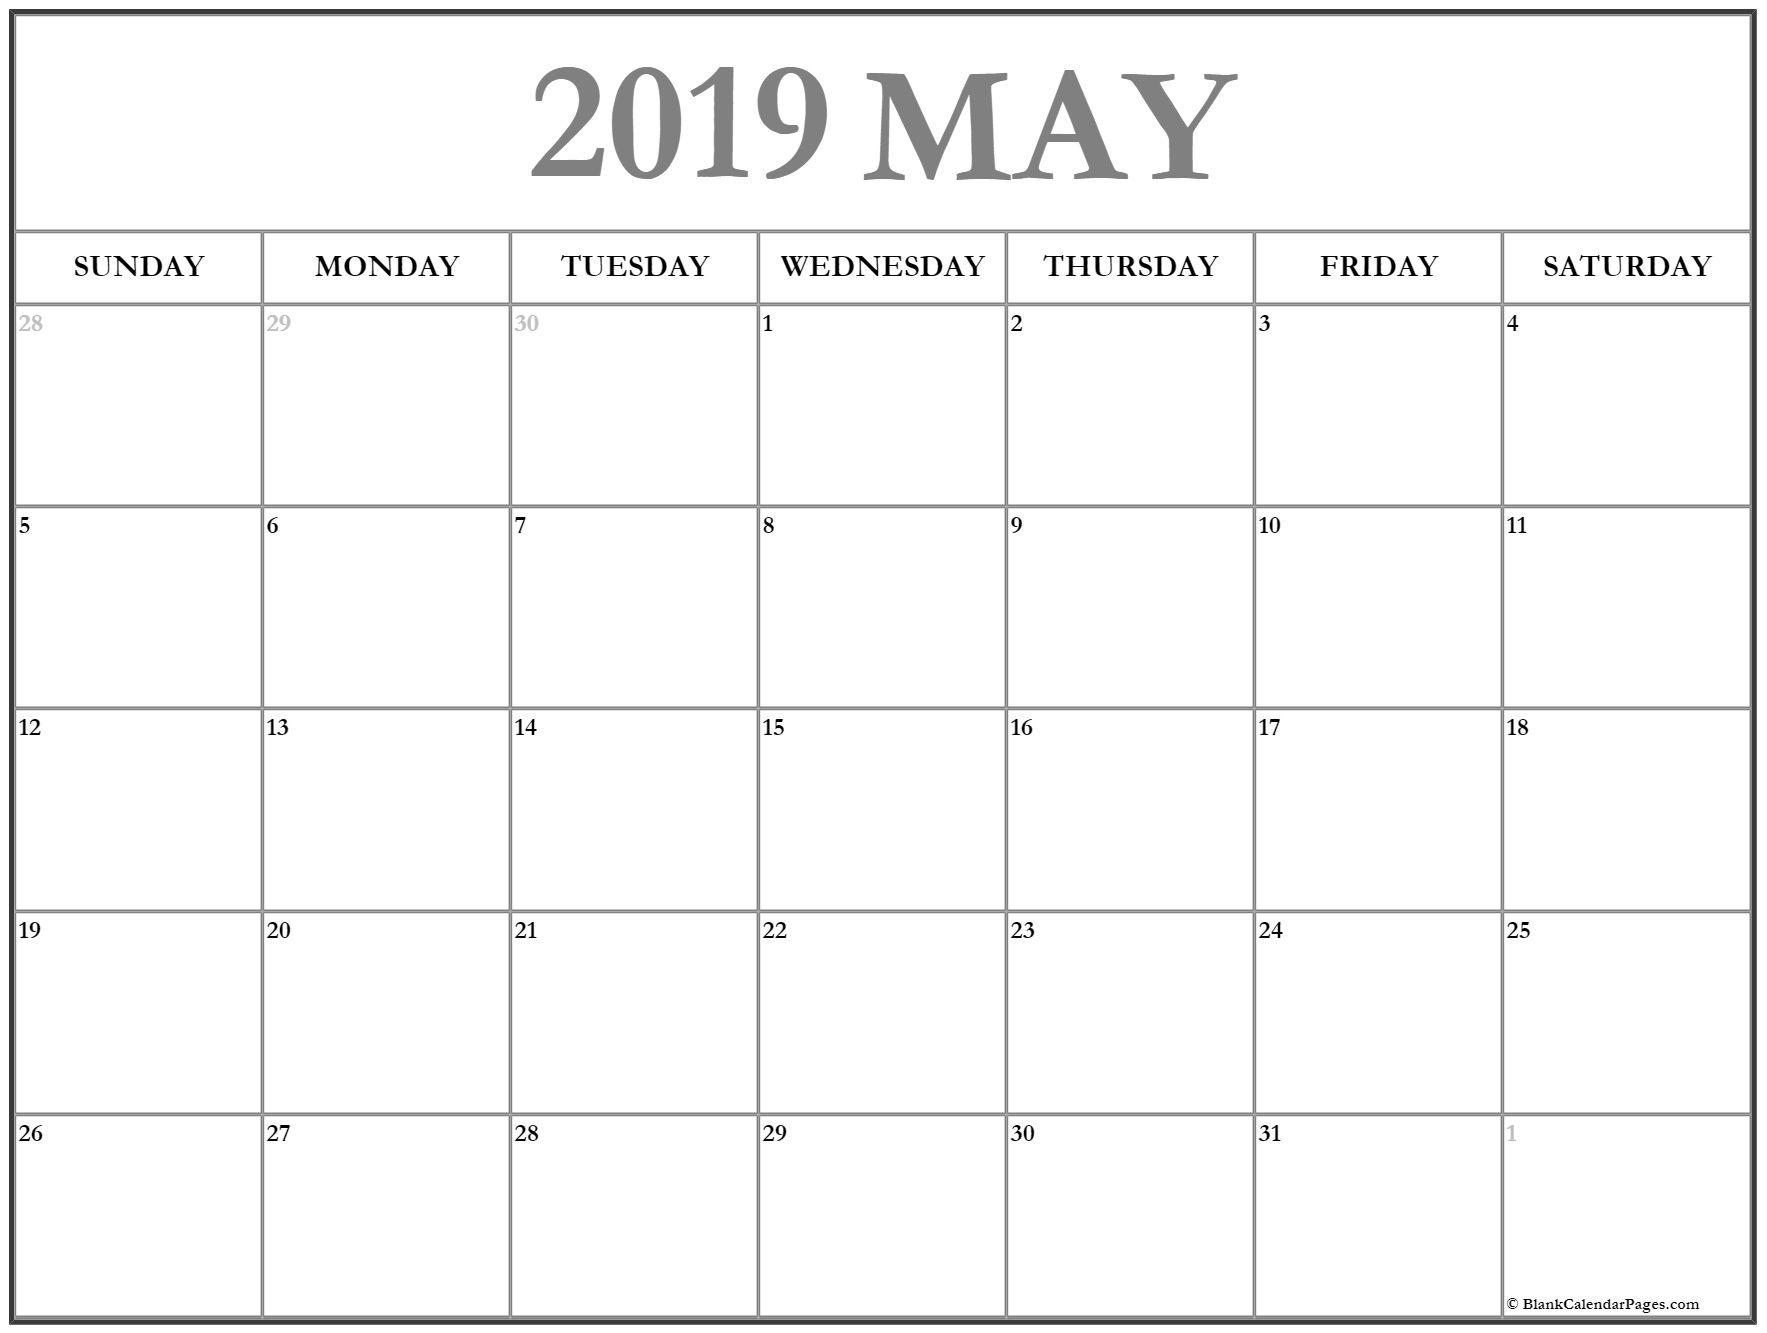 May 2019 Calendar May Calendar 2019 Printable And Free Blank